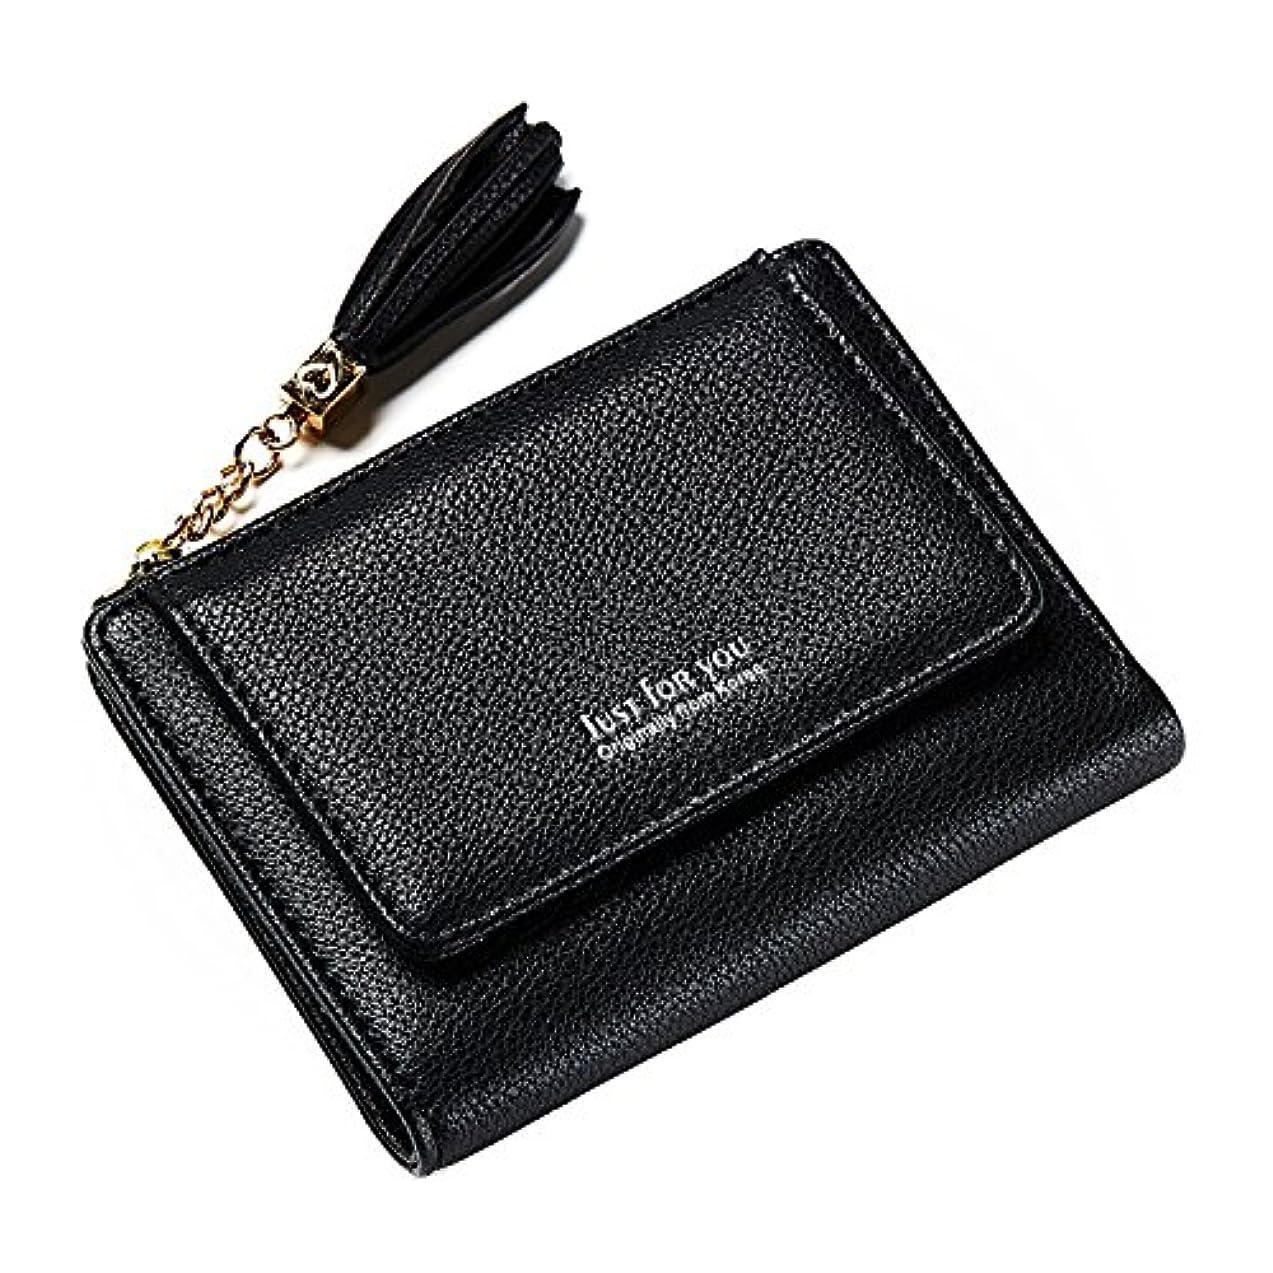 TcIFE ミニ財布 レディース 二つ折り 人気 小さい二つ折り財布 がま口小銭入れ 女性用 友達 家族にプレゼント